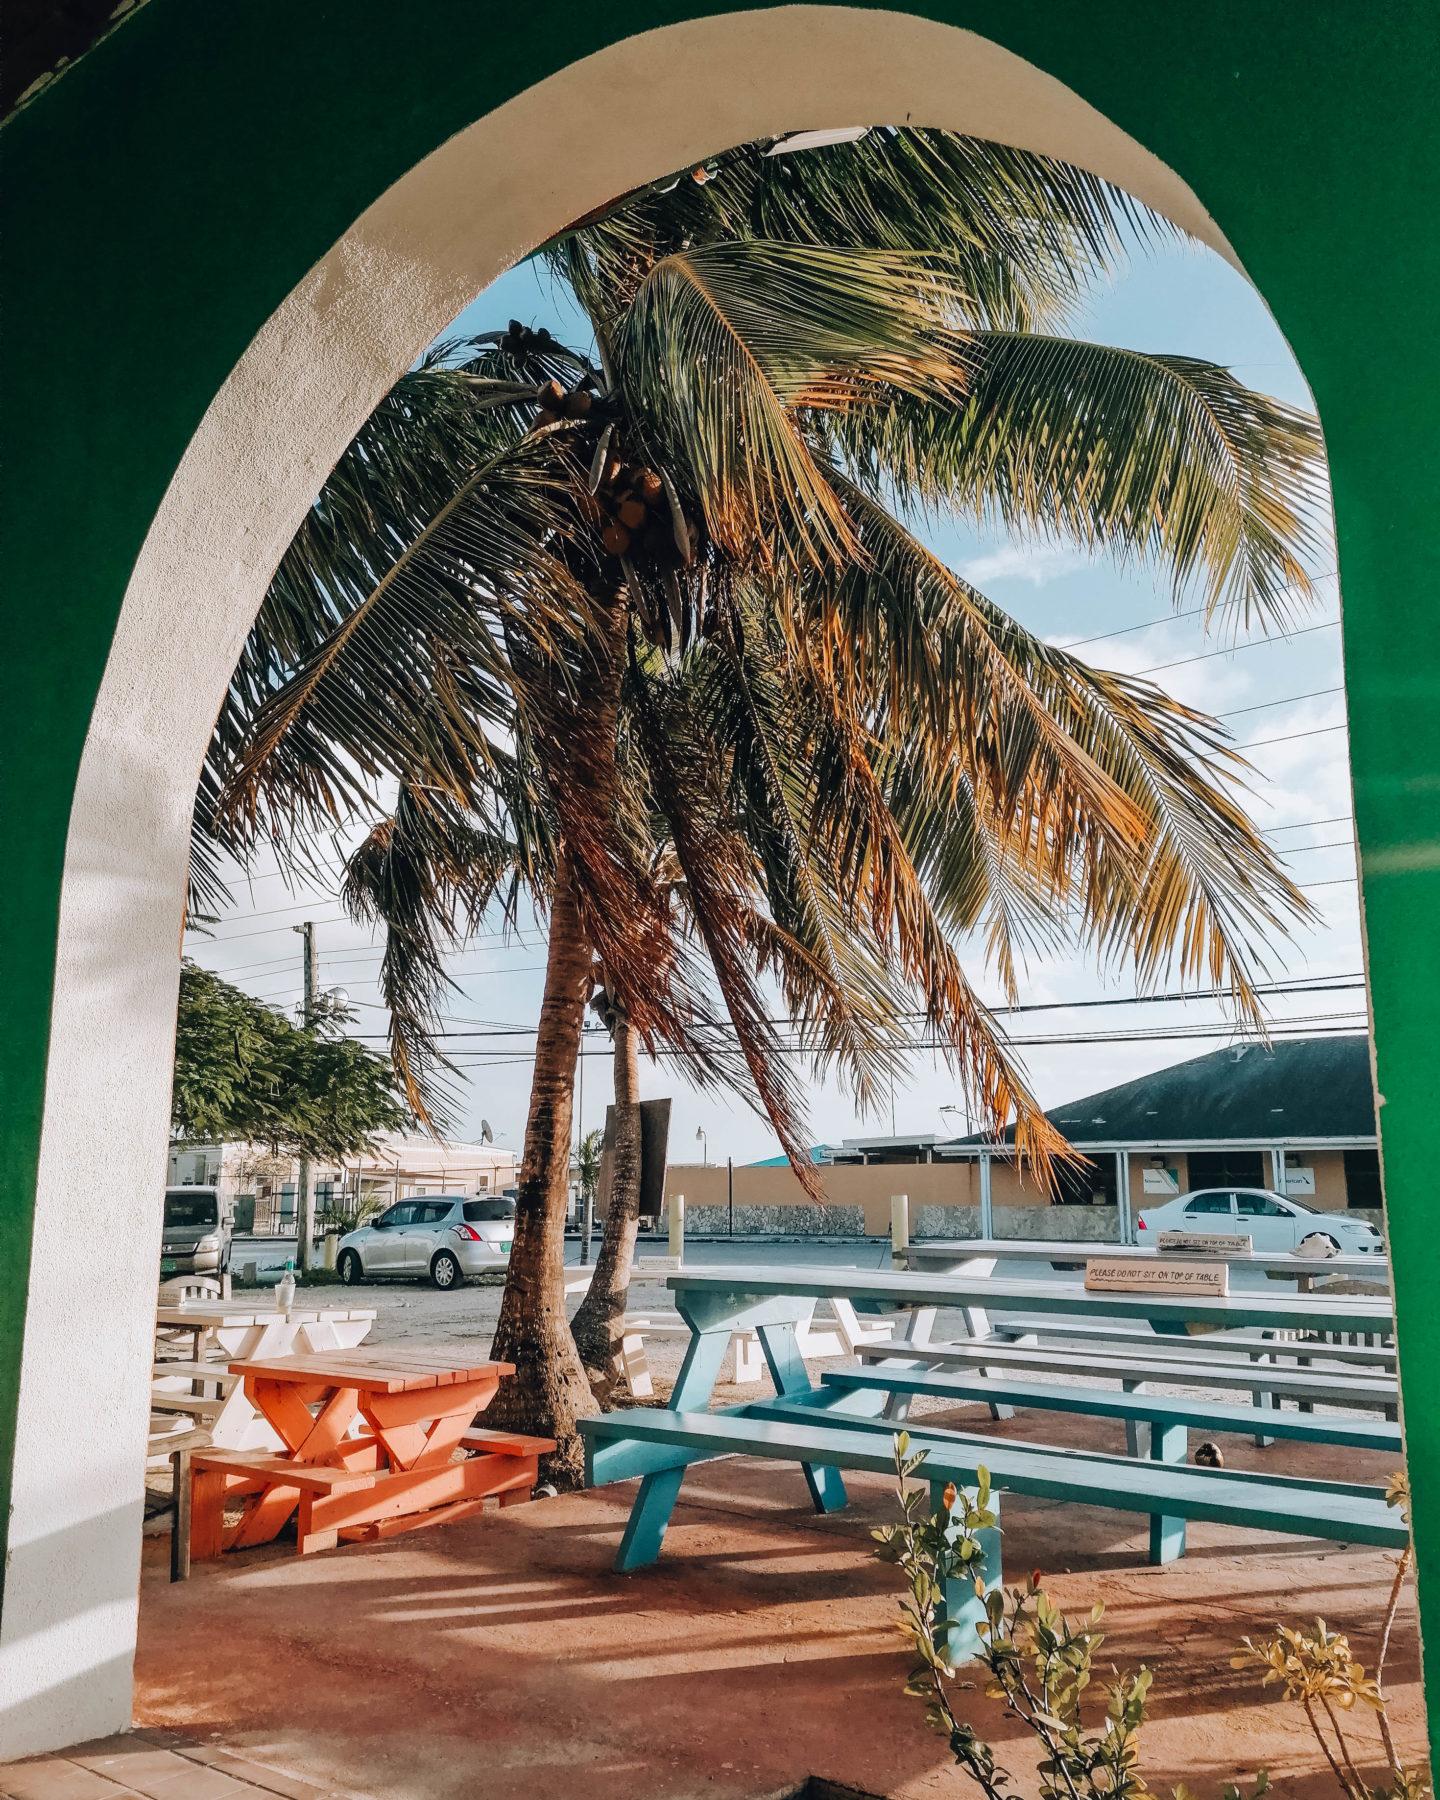 una palma e dei tavoli di legno su un'isola tropicale